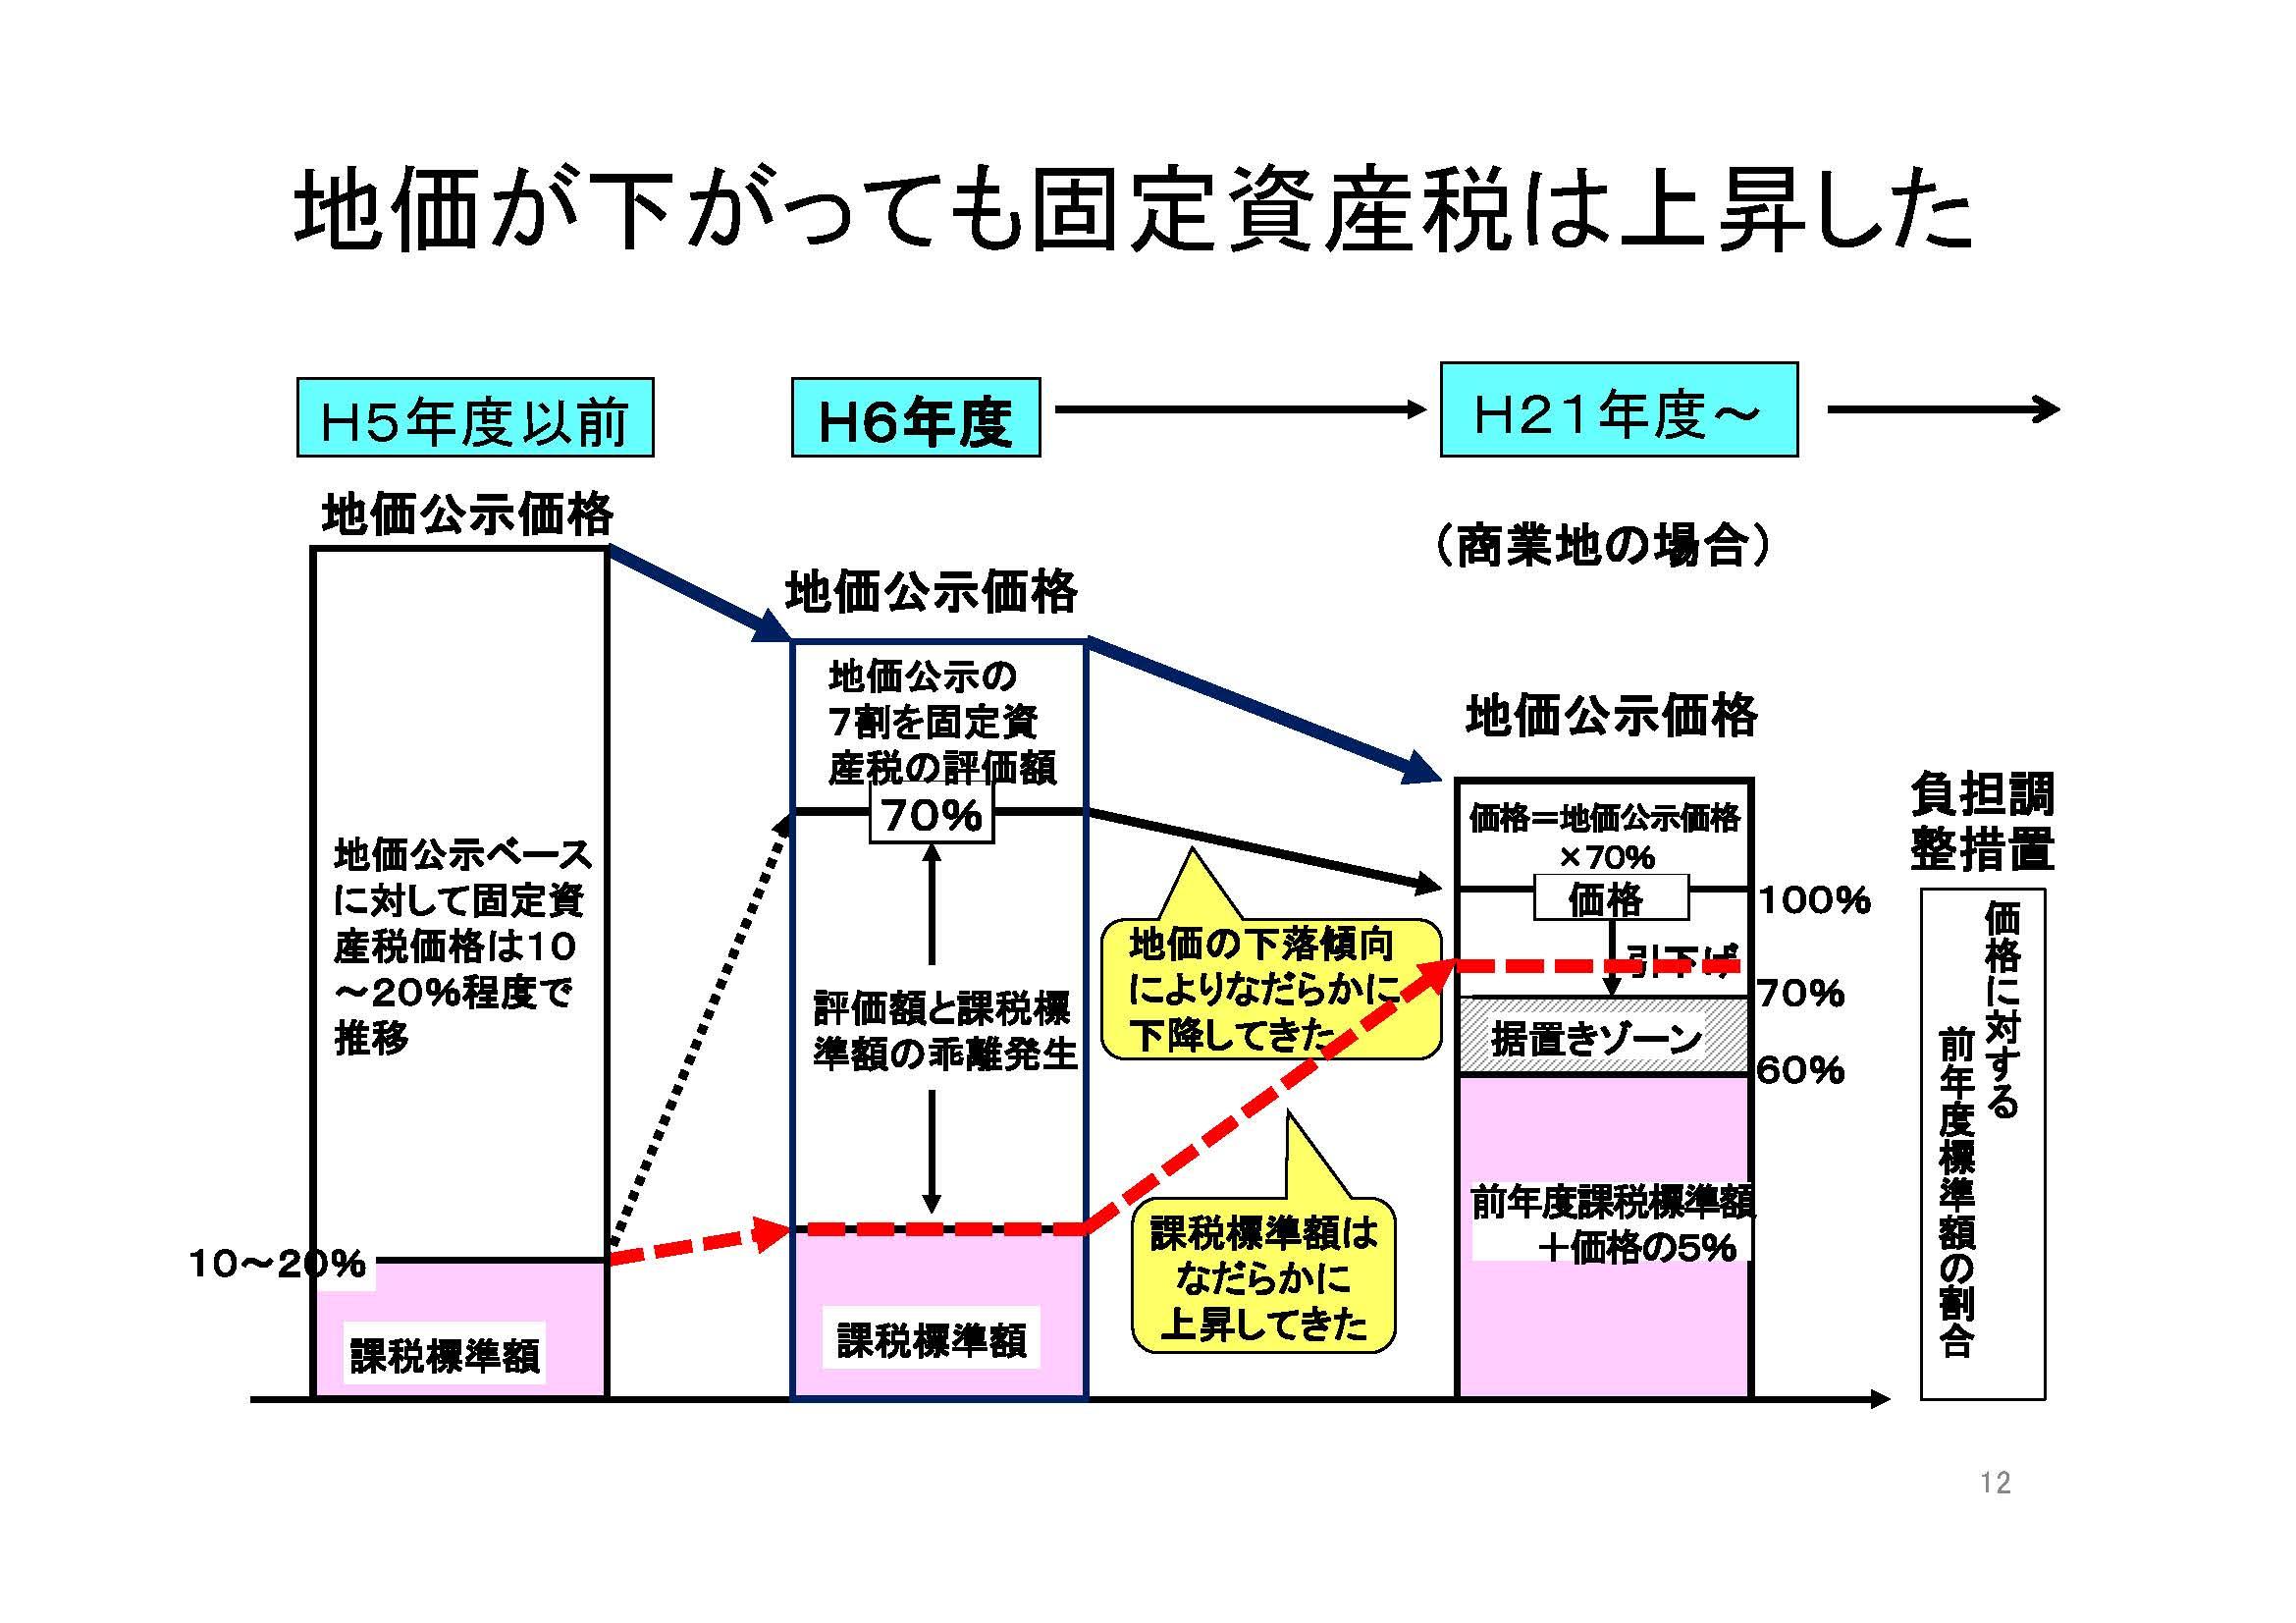 土地固定資産税の仕組みは複雑で...